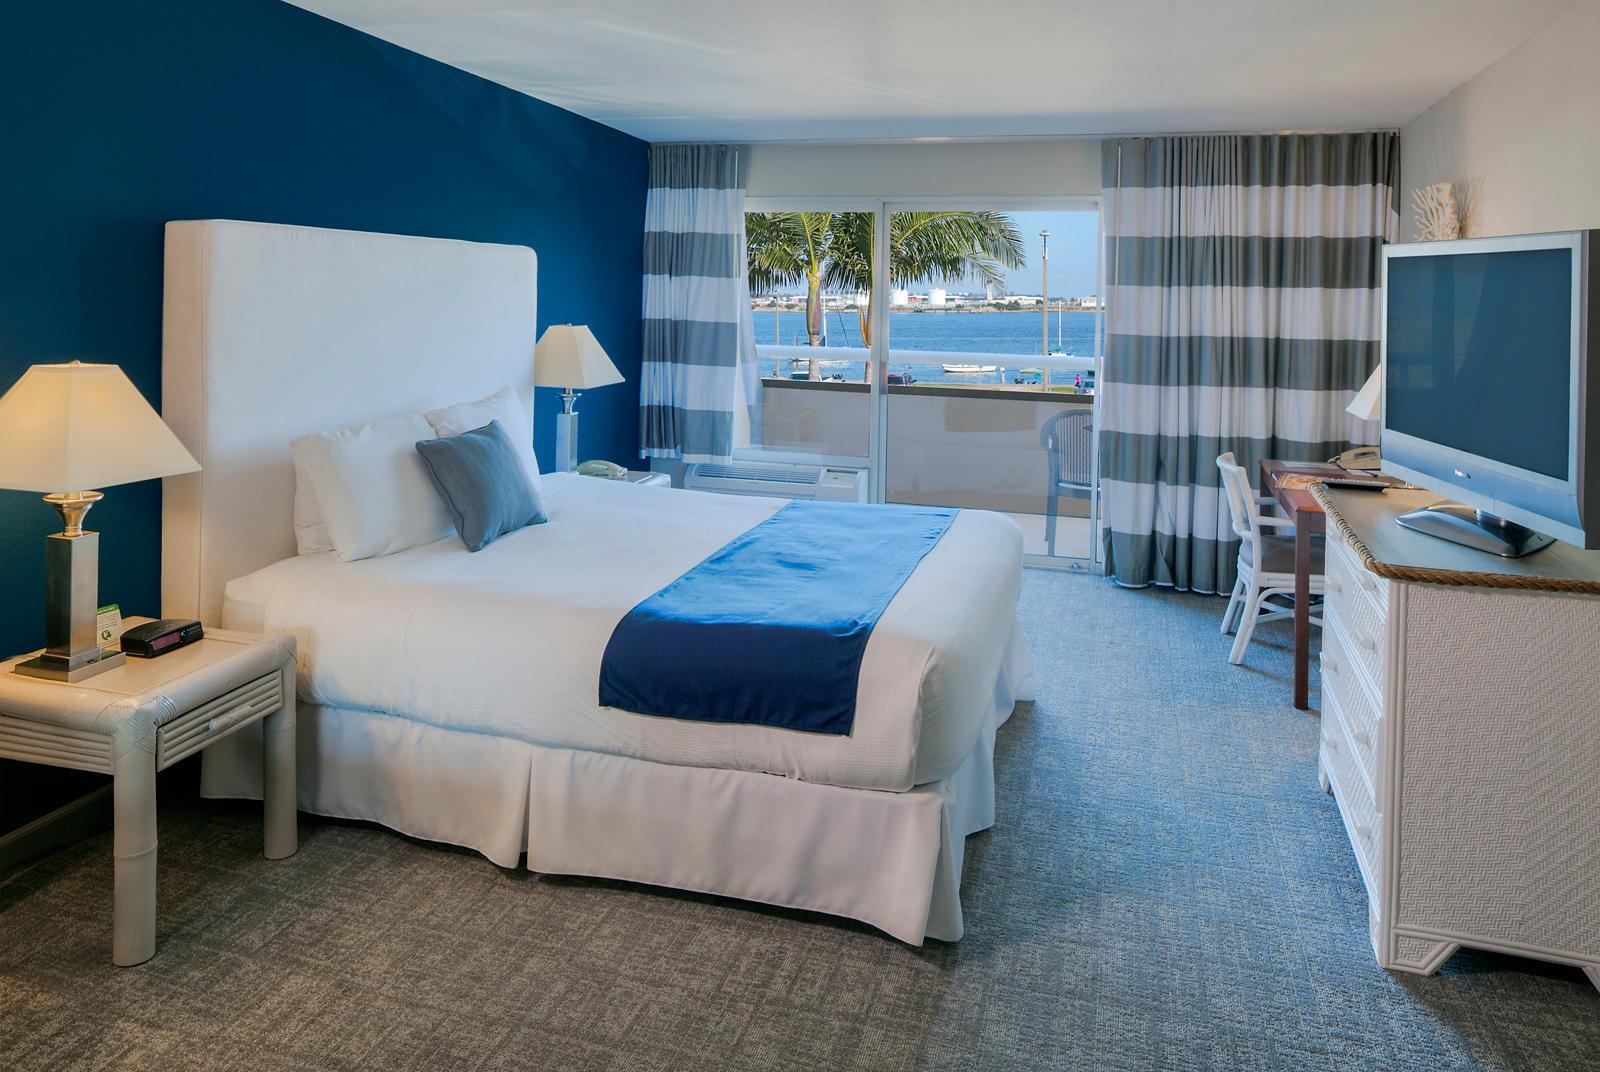 The Bay Club Hotel & Marina image 0